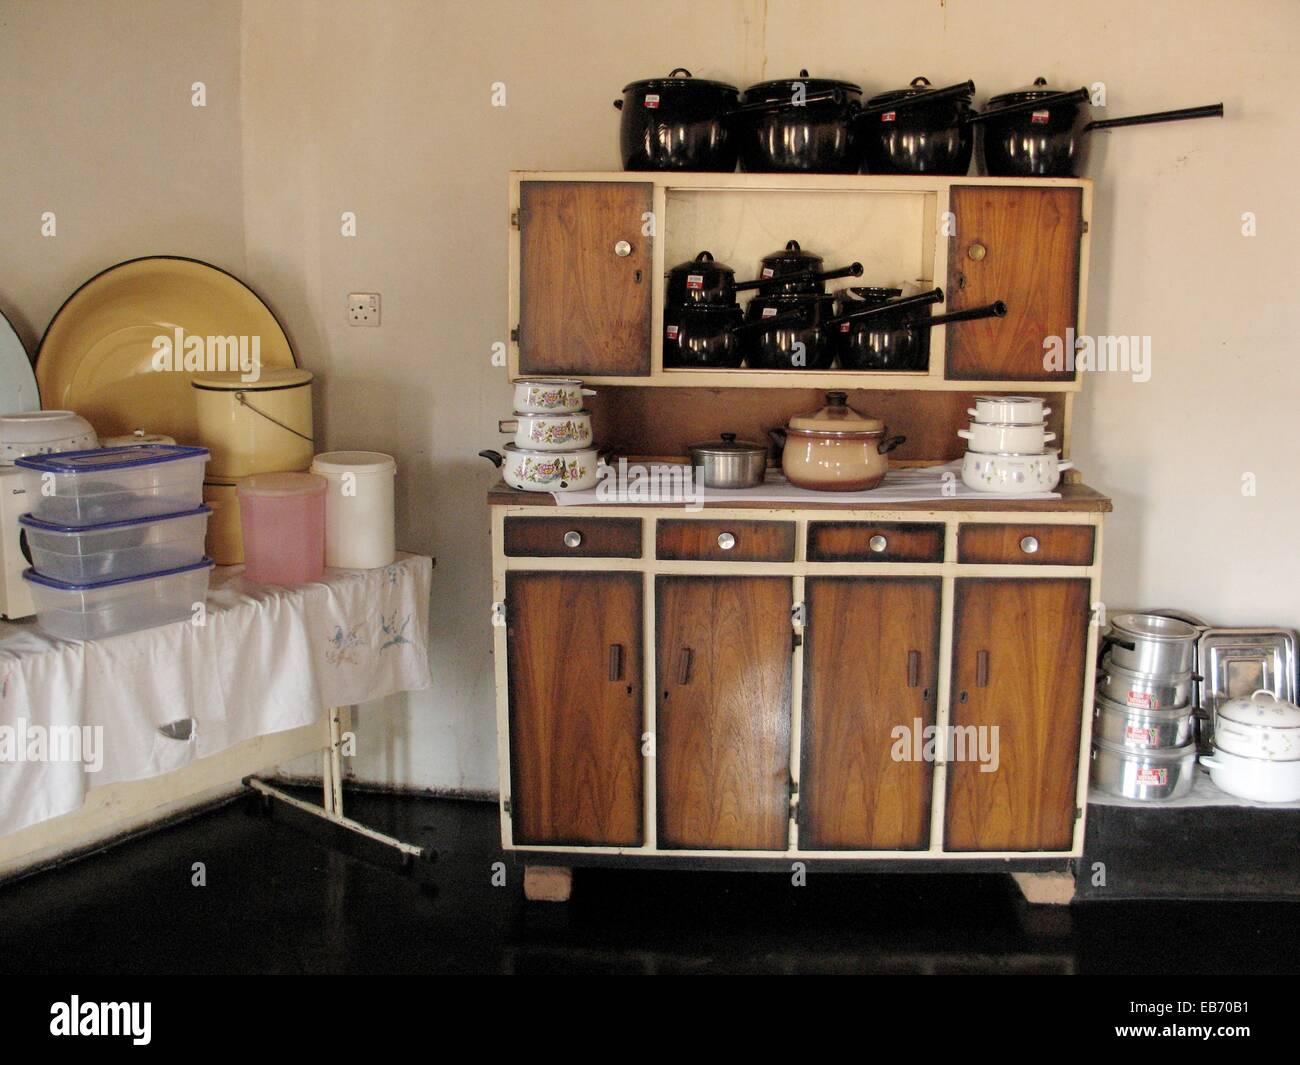 a nice clean kitchen